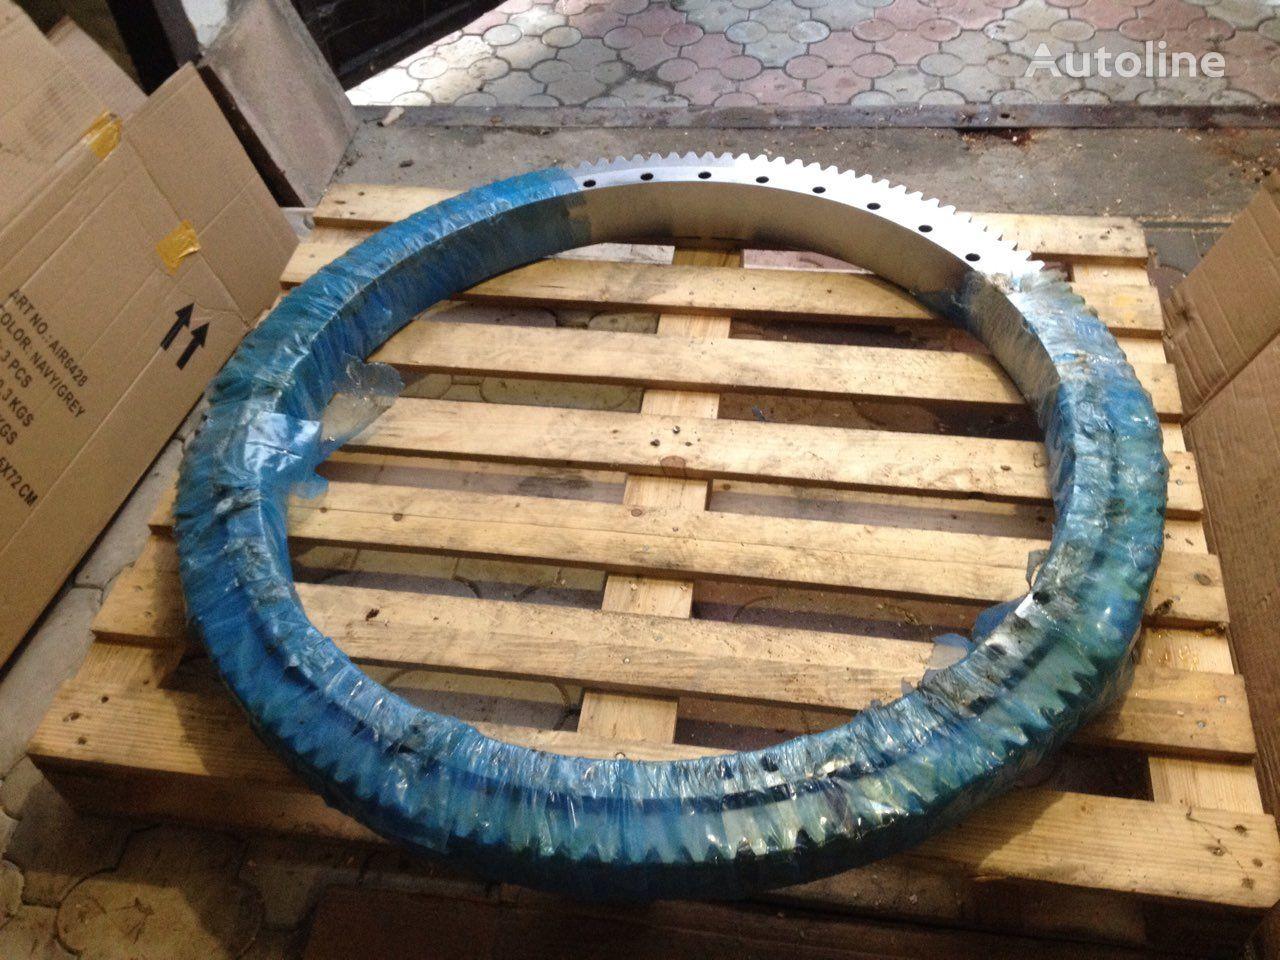 new povorotniy pidshipnik Slovachchina slewing ring for FUCHS 714 excavator